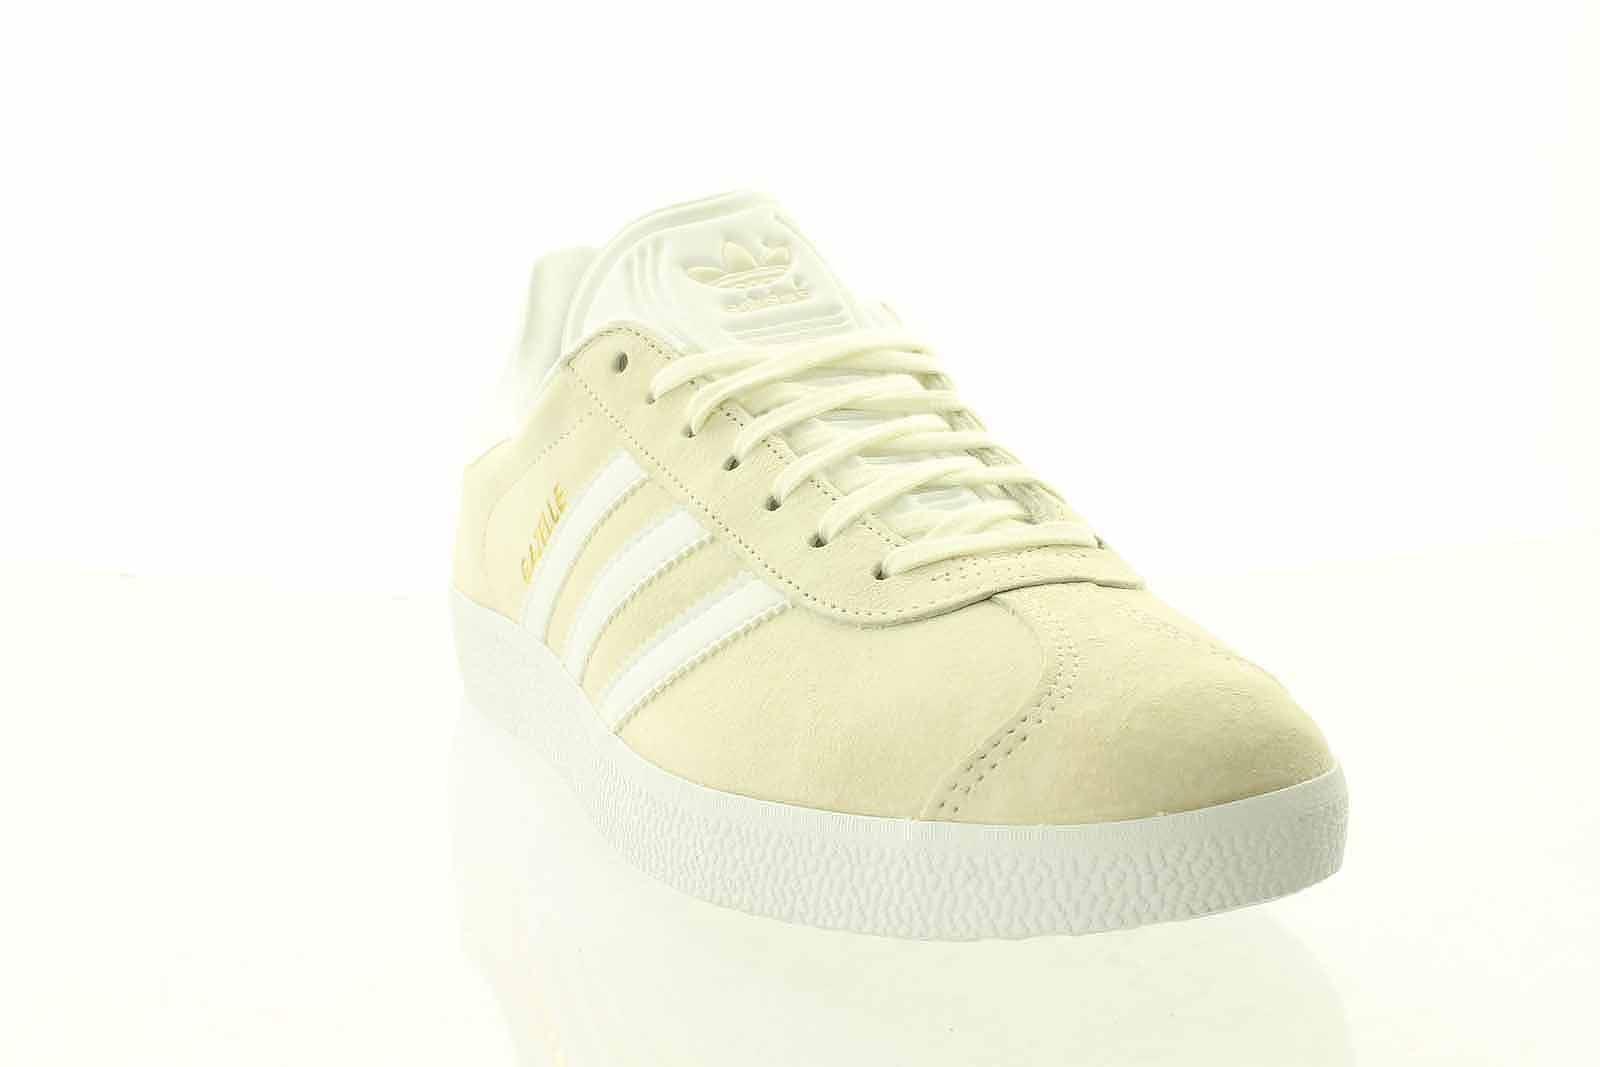 adidas gazelle uk 3.5